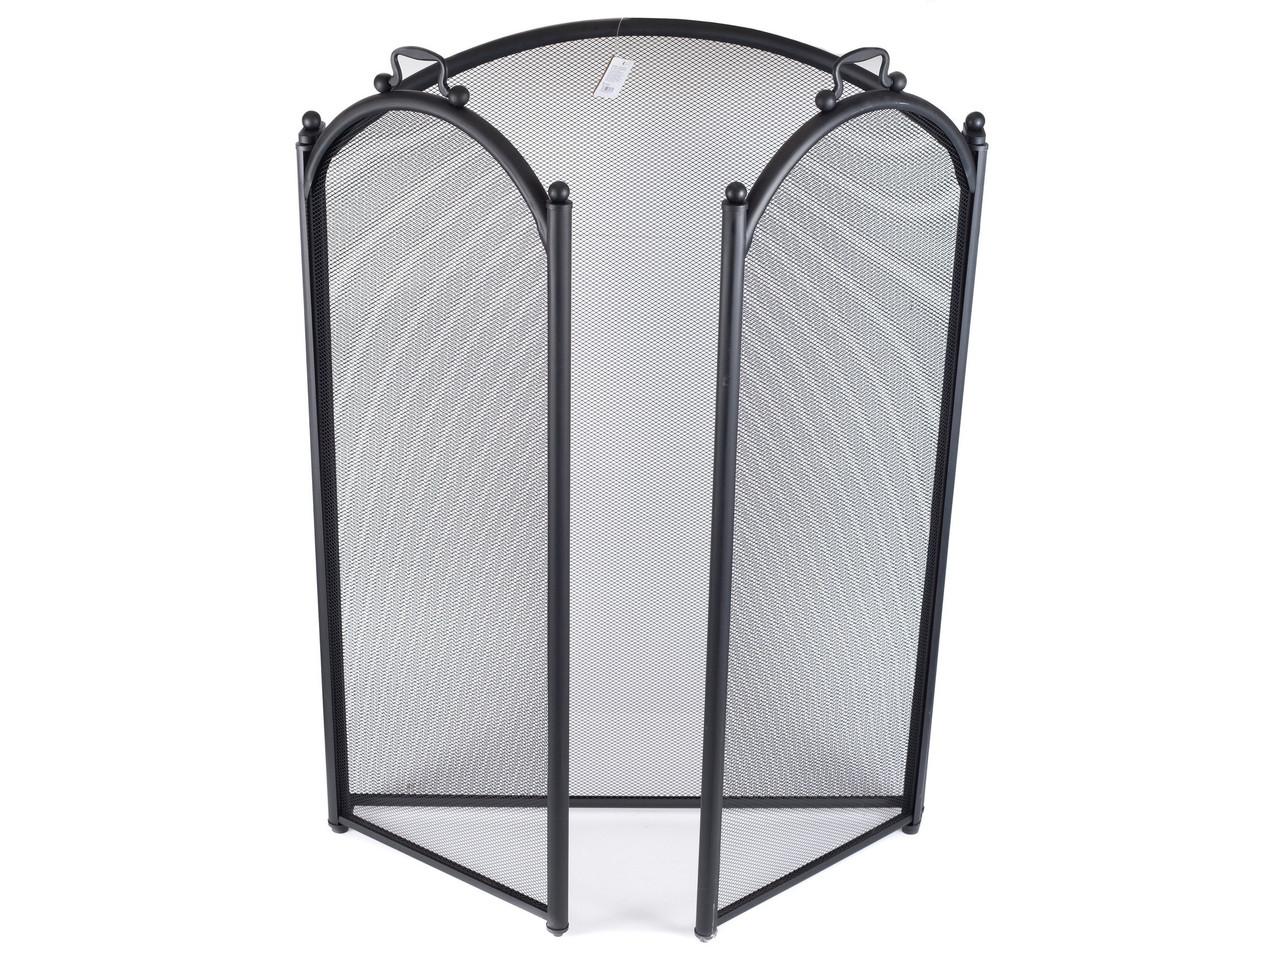 Экран для камина (43 фото): высокое защитное ограждение-сетка, вариант конструкции rgr c31206agk, заслонка на камин в летний период